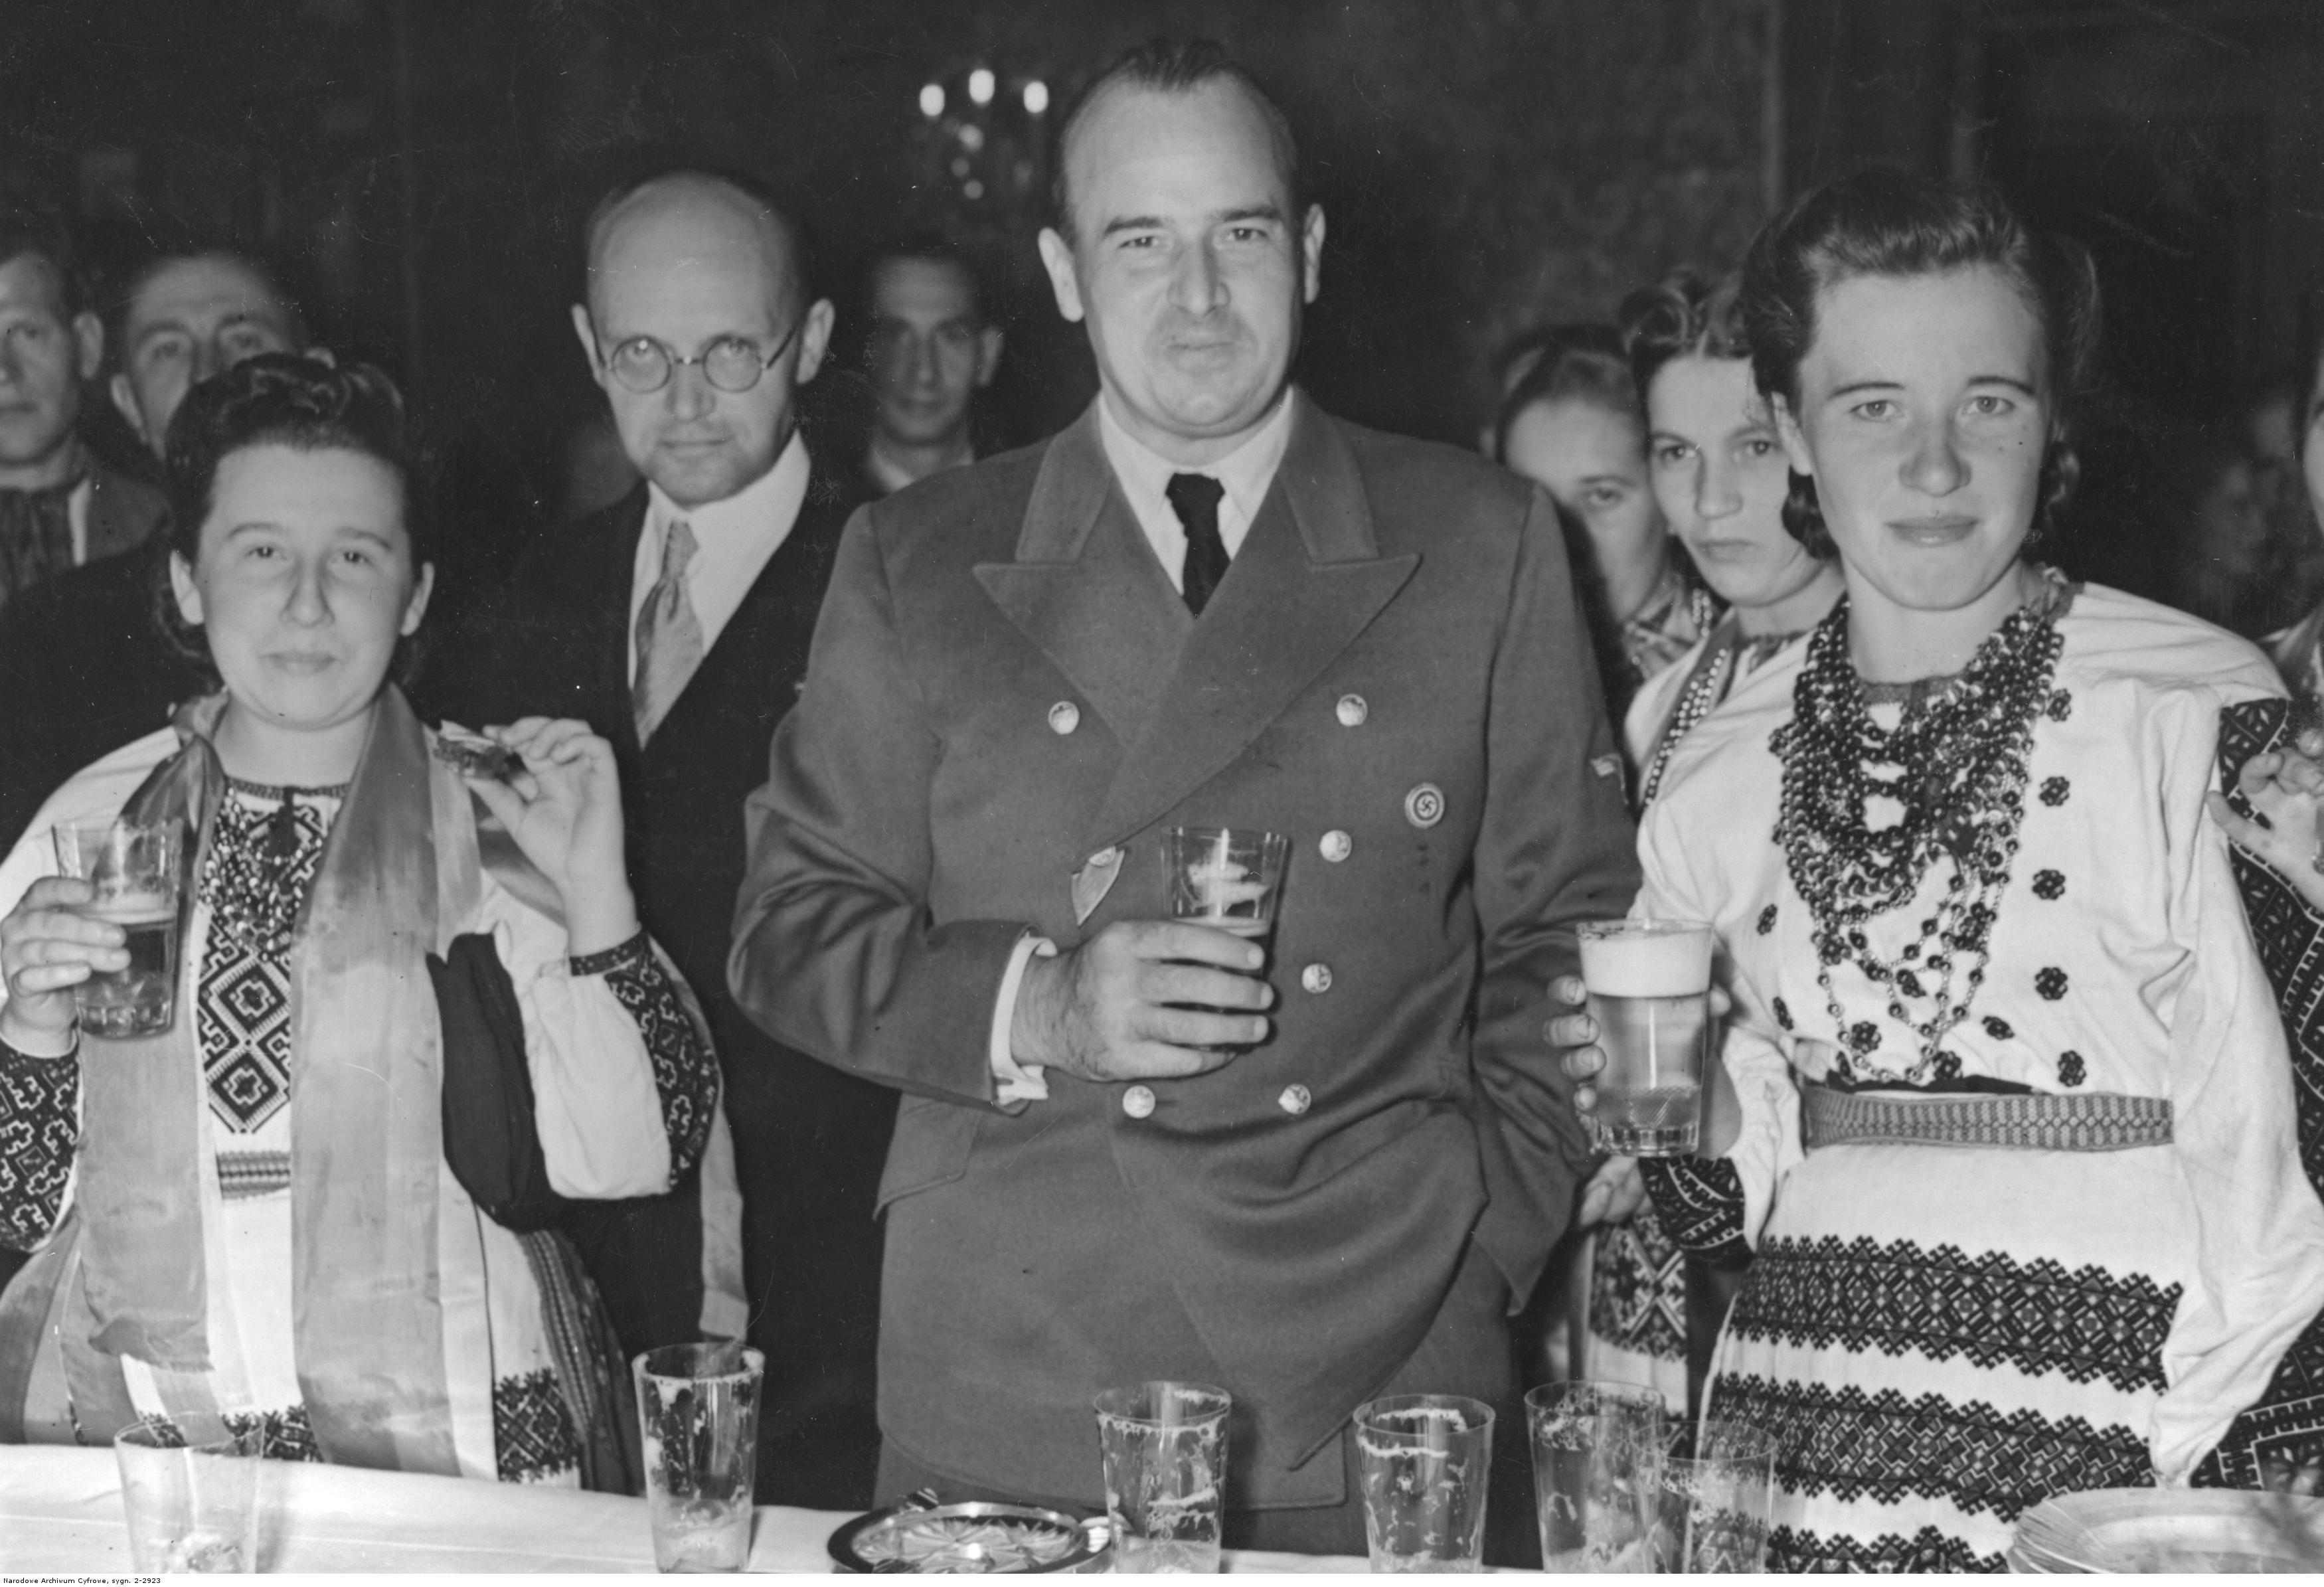 1943. Фестиваль урожая в Королевском замке в Кракове. Генерал-губернатор Ханс Франк за столом с членами украинской делегации. 24.10